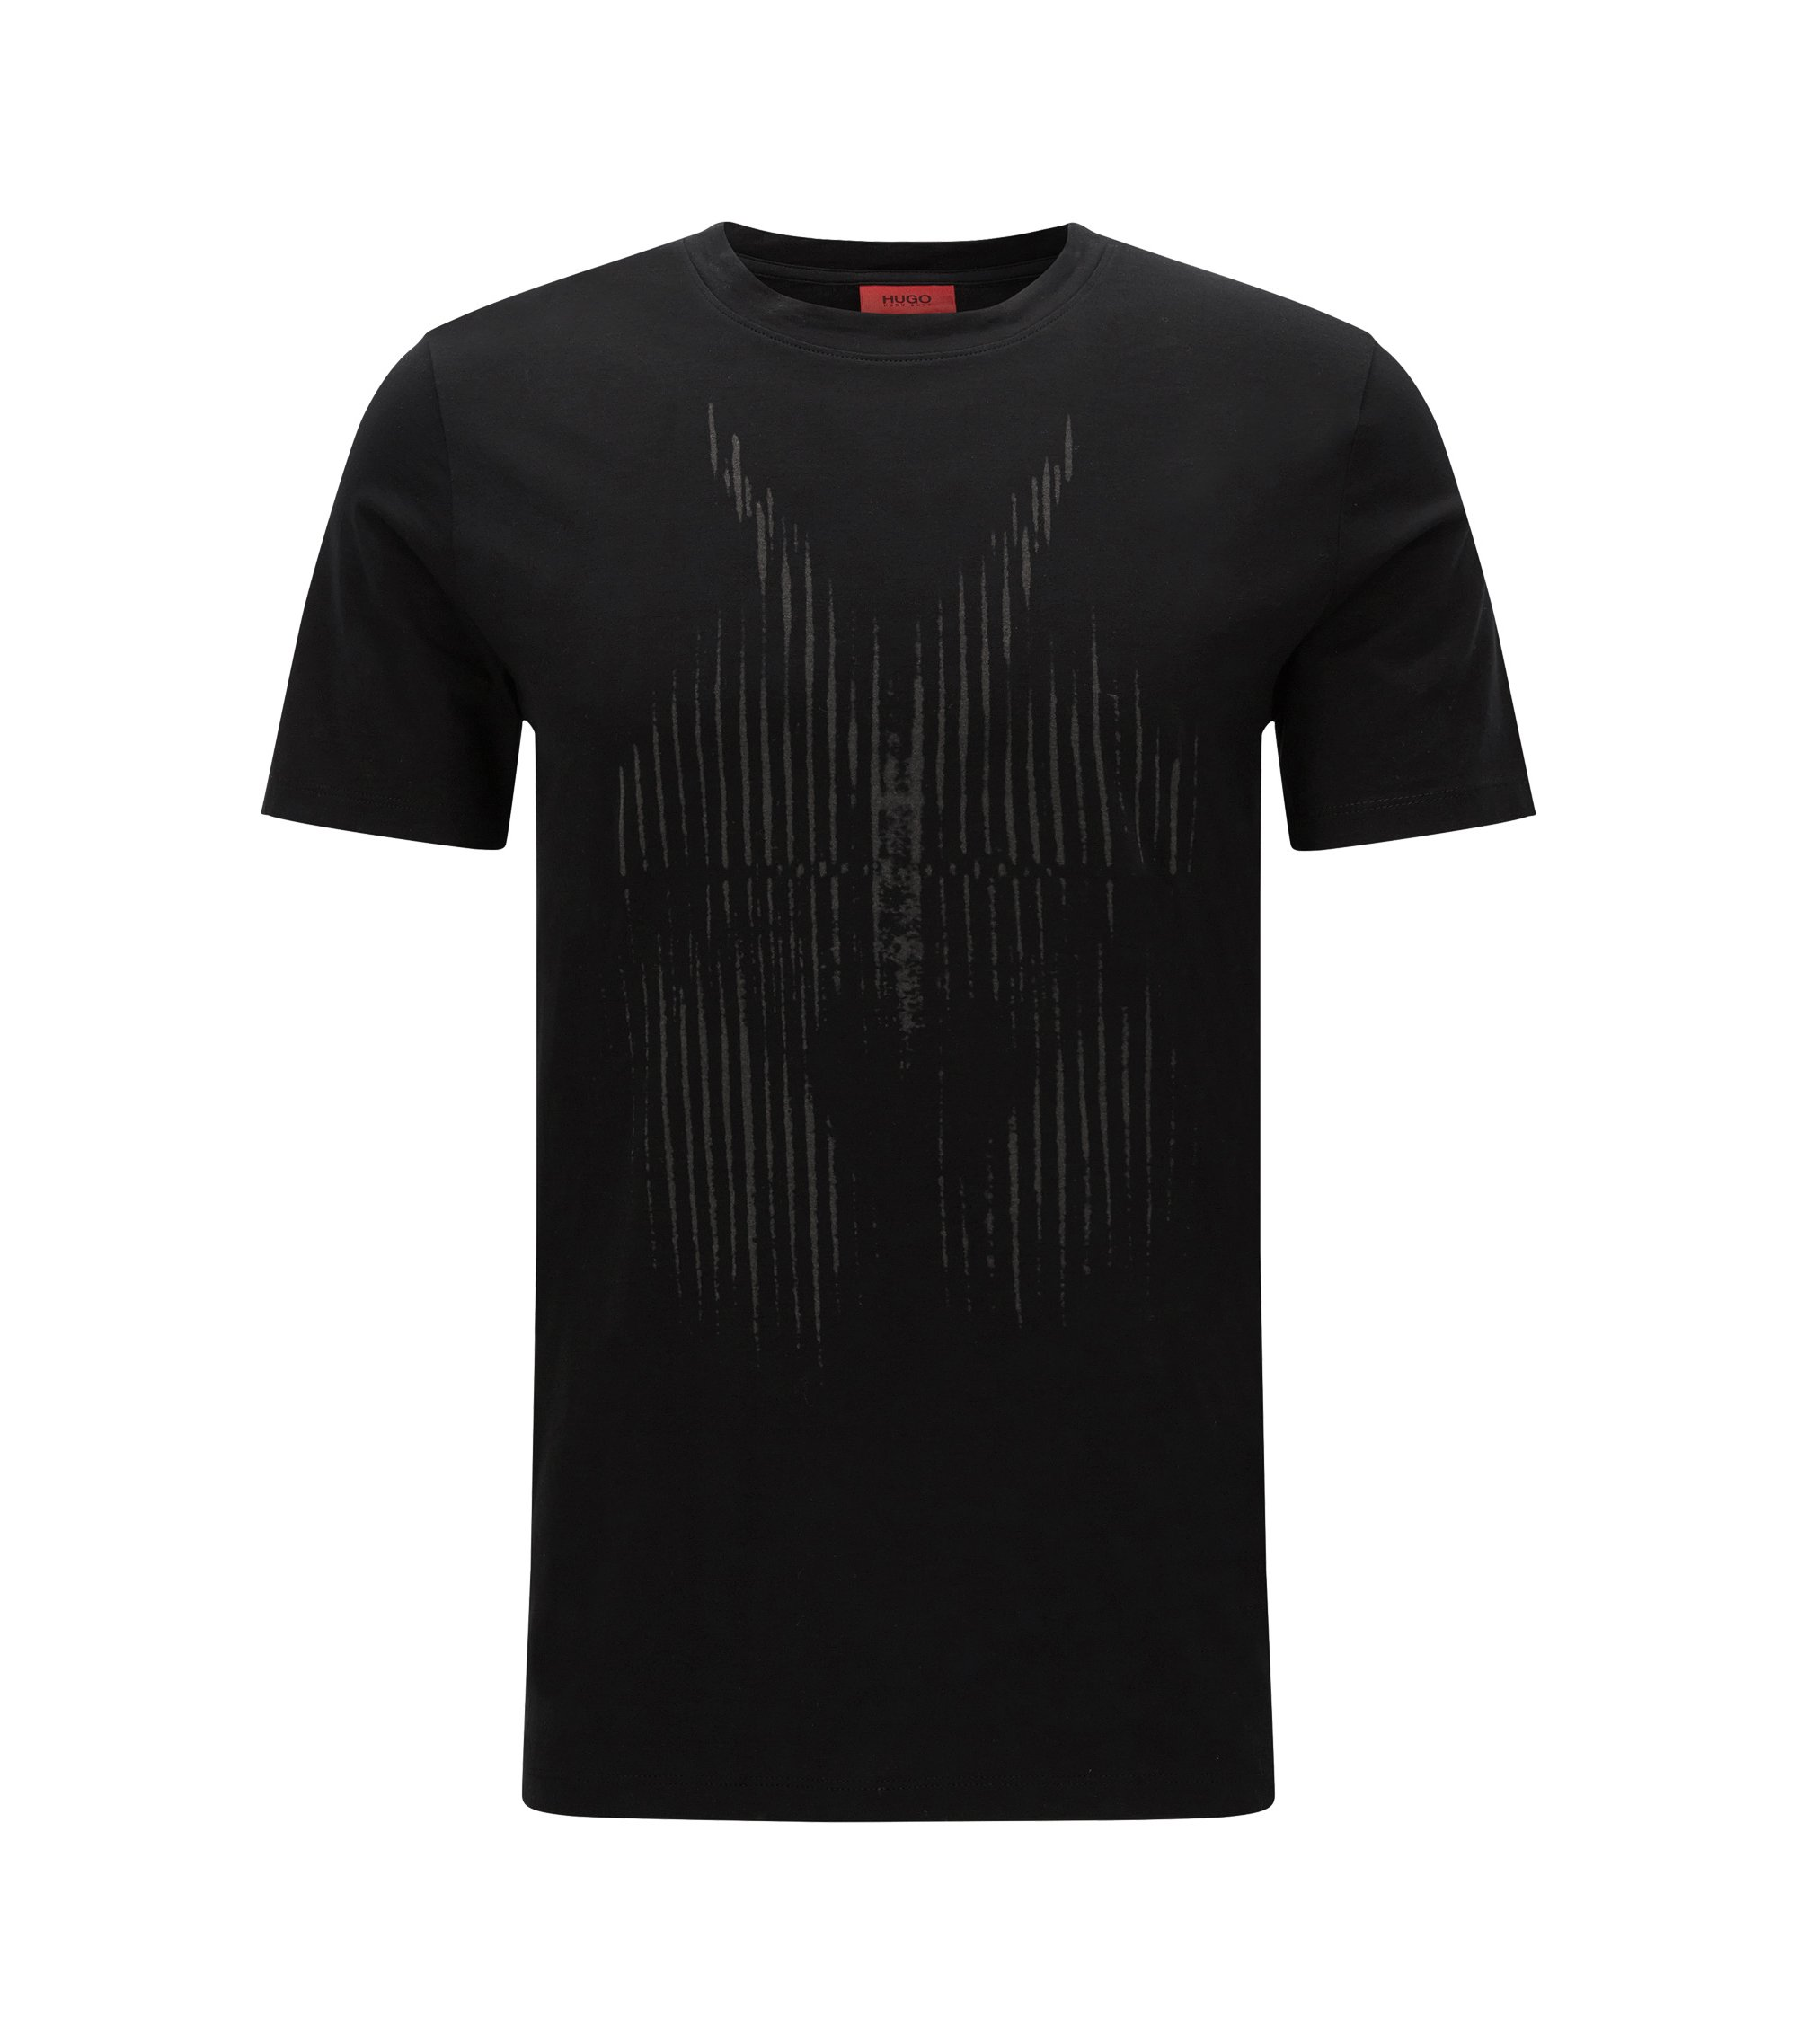 Cotton Graphic T-Shirt | Deetle, Black